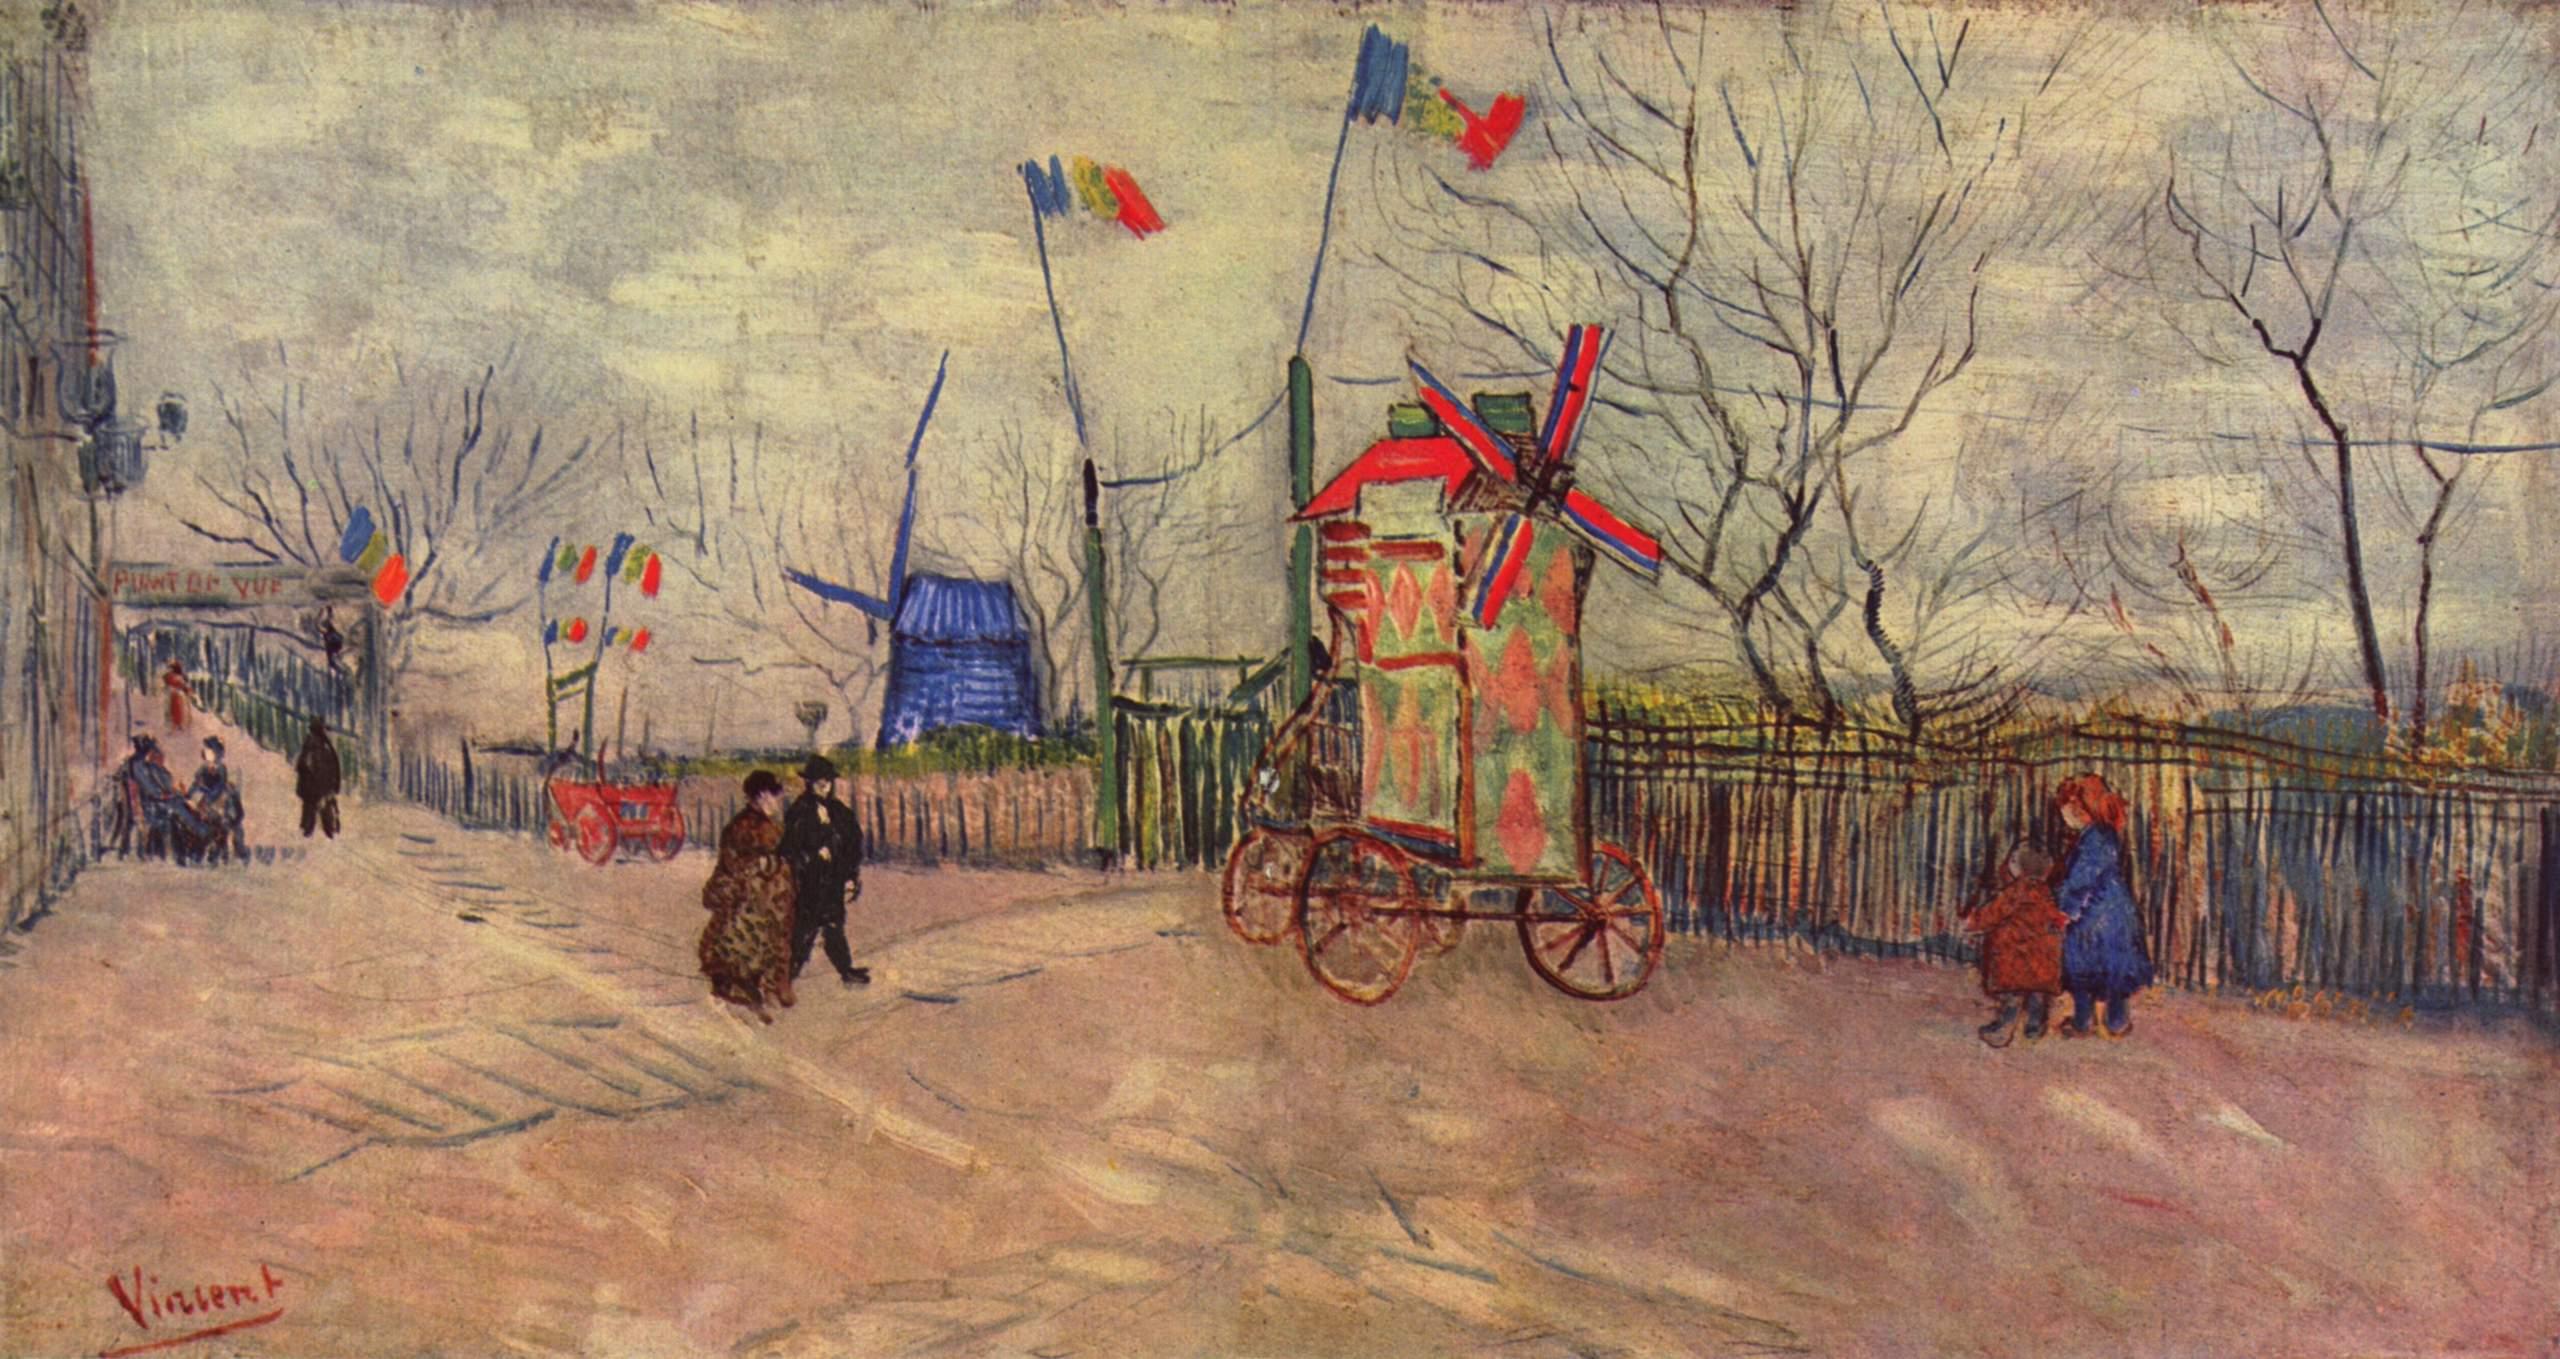 В Париже впервые выставили картину Ван Гога, которую почти никто не видел